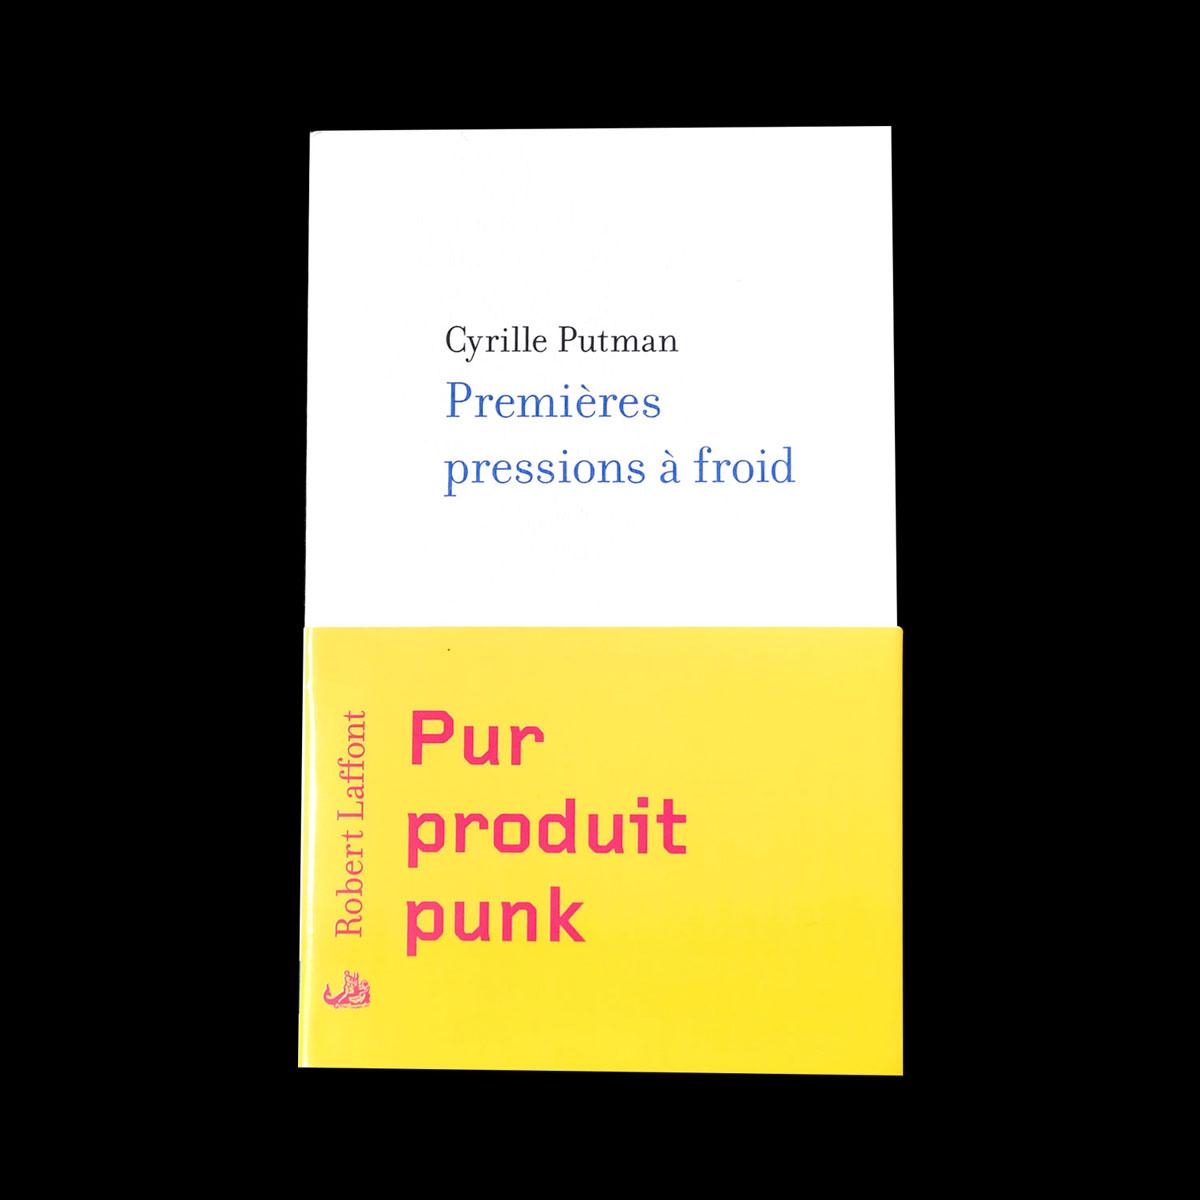 Premières pressions à froid, Cyrille Putman, Éditions Robert Laffont, 2004.